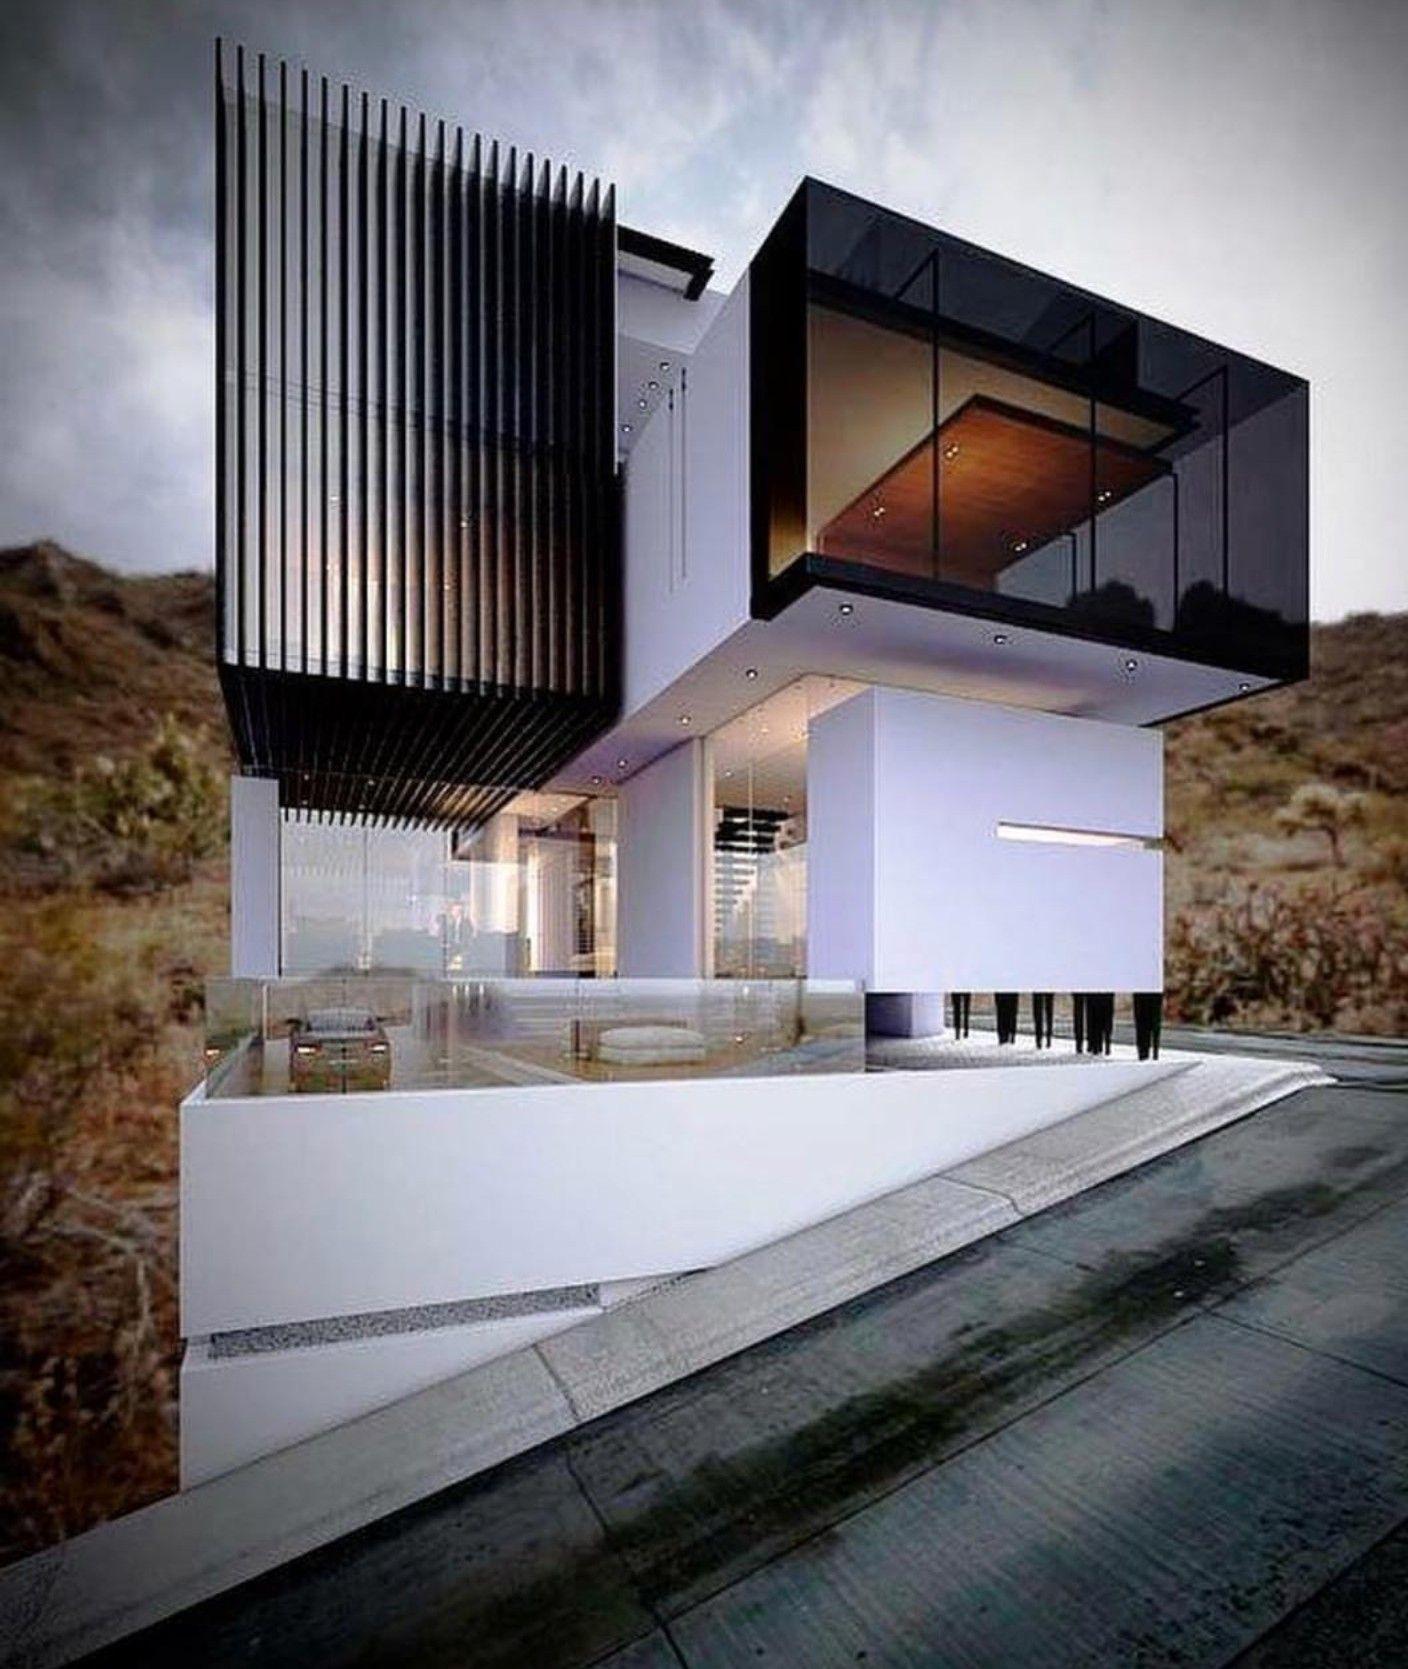 Pin de Maggy Juarez en House | Pinterest | Fachadas, Arquitectura y ...